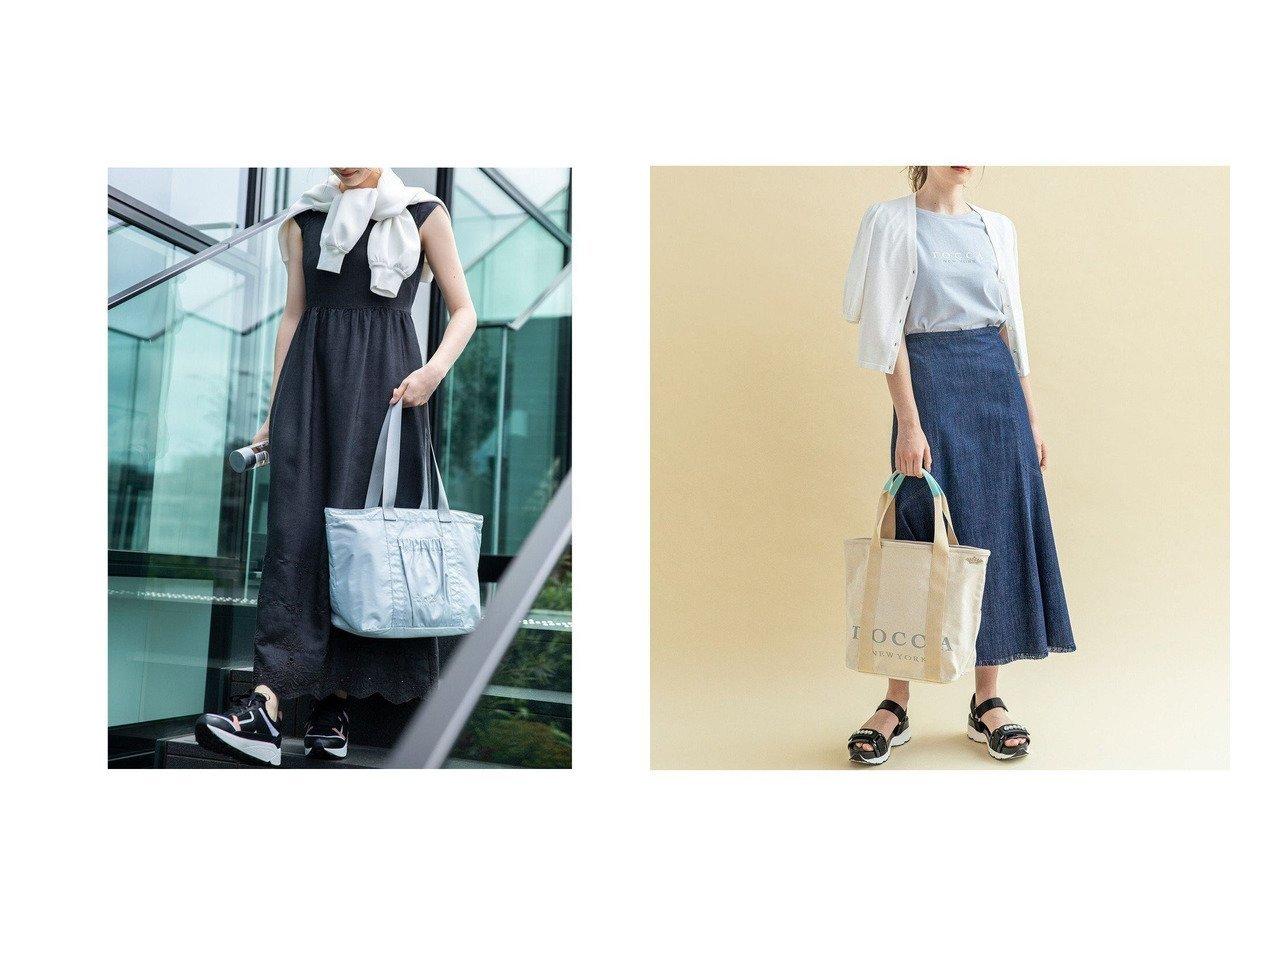 【TOCCA/トッカ】のSANA TOTE トートバッグ&【WEB限定】BIG TOCCA TOTE L トートバッグ L 【バッグ・鞄】おすすめ!人気、トレンド・レディースファッションの通販 おすすめで人気の流行・トレンド、ファッションの通販商品 インテリア・家具・メンズファッション・キッズファッション・レディースファッション・服の通販 founy(ファニー) https://founy.com/ ファッション Fashion レディースファッション WOMEN バッグ Bag 送料無料 Free Shipping アウトドア エアリー クラウン テクスチャー トラベル フェミニン フリル ポケット リラックス 財布 シンプル ベーシック |ID:crp329100000049437